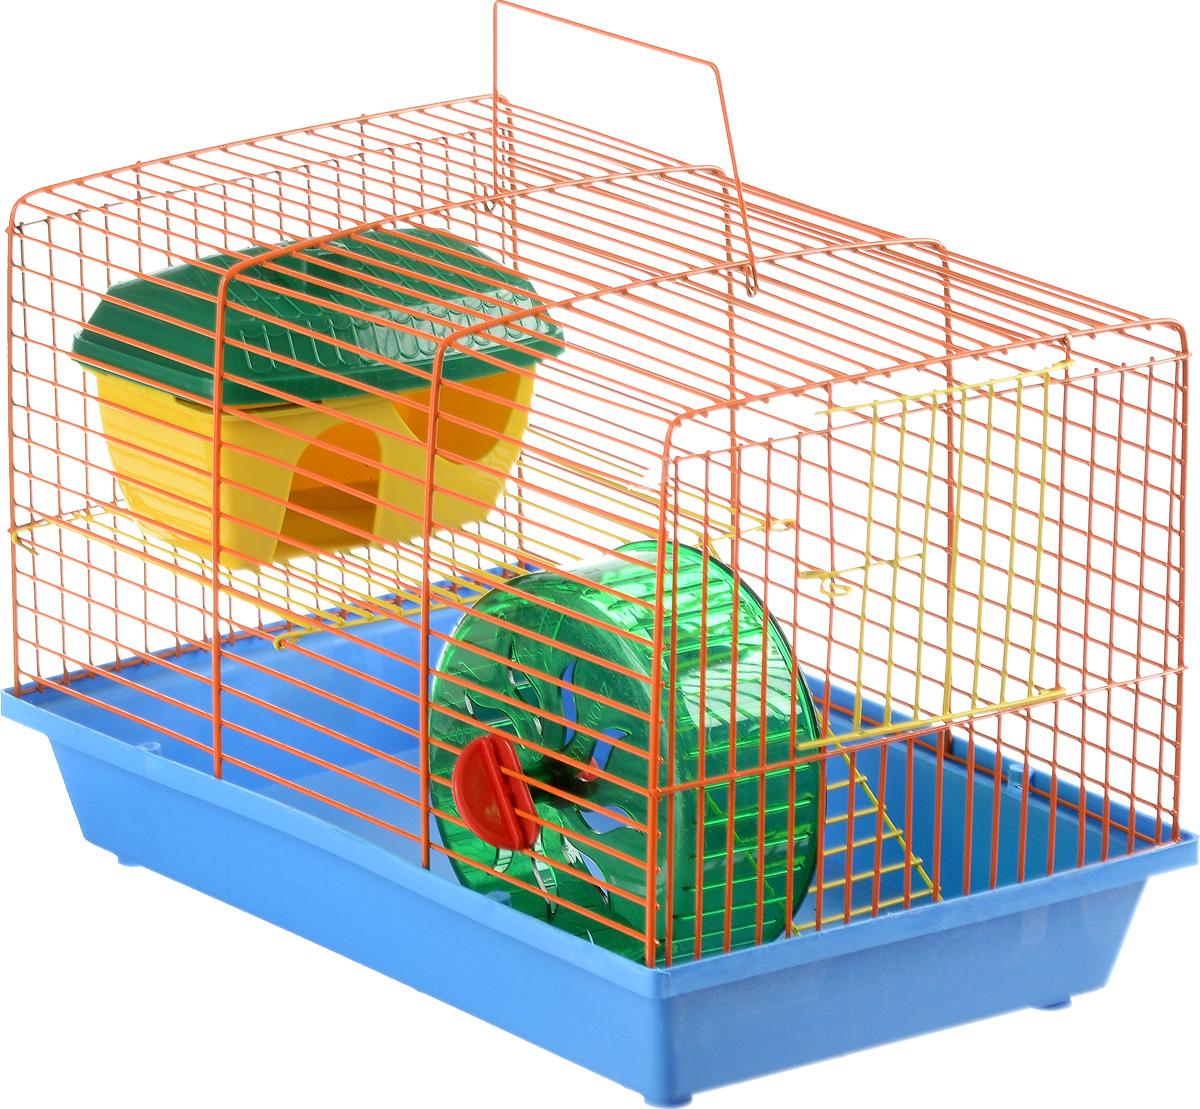 Клетка для грызунов ЗооМарк, 2-этажная, цвет: синий поддон, оранжевая решетка, желтый этаж, 36 х 22 х 24 см. 125ж125жСОКлетка ЗооМарк, выполненная из полипропилена и металла, подходит для мелких грызунов. Изделие двухэтажное, оборудовано колесом для подвижных игр и пластиковым домиком. Клетка имеет яркий поддон, удобна в использовании и легко чистится. Сверху имеется ручка для переноски. Такая клетка станет уединенным личным пространством и уютным домиком для маленького грызуна.